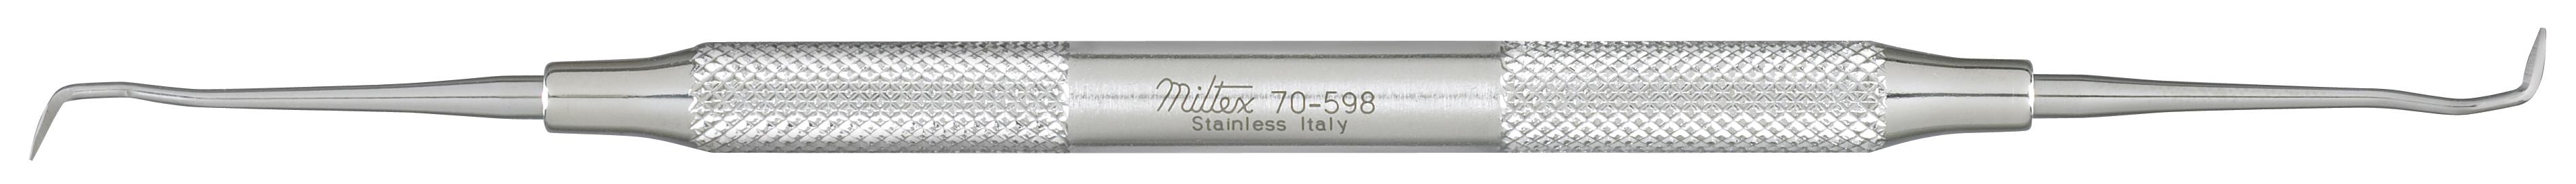 2ys-3ys-jacquette-scaler-d-e-lightweight-handle-70-598-miltex.jpg